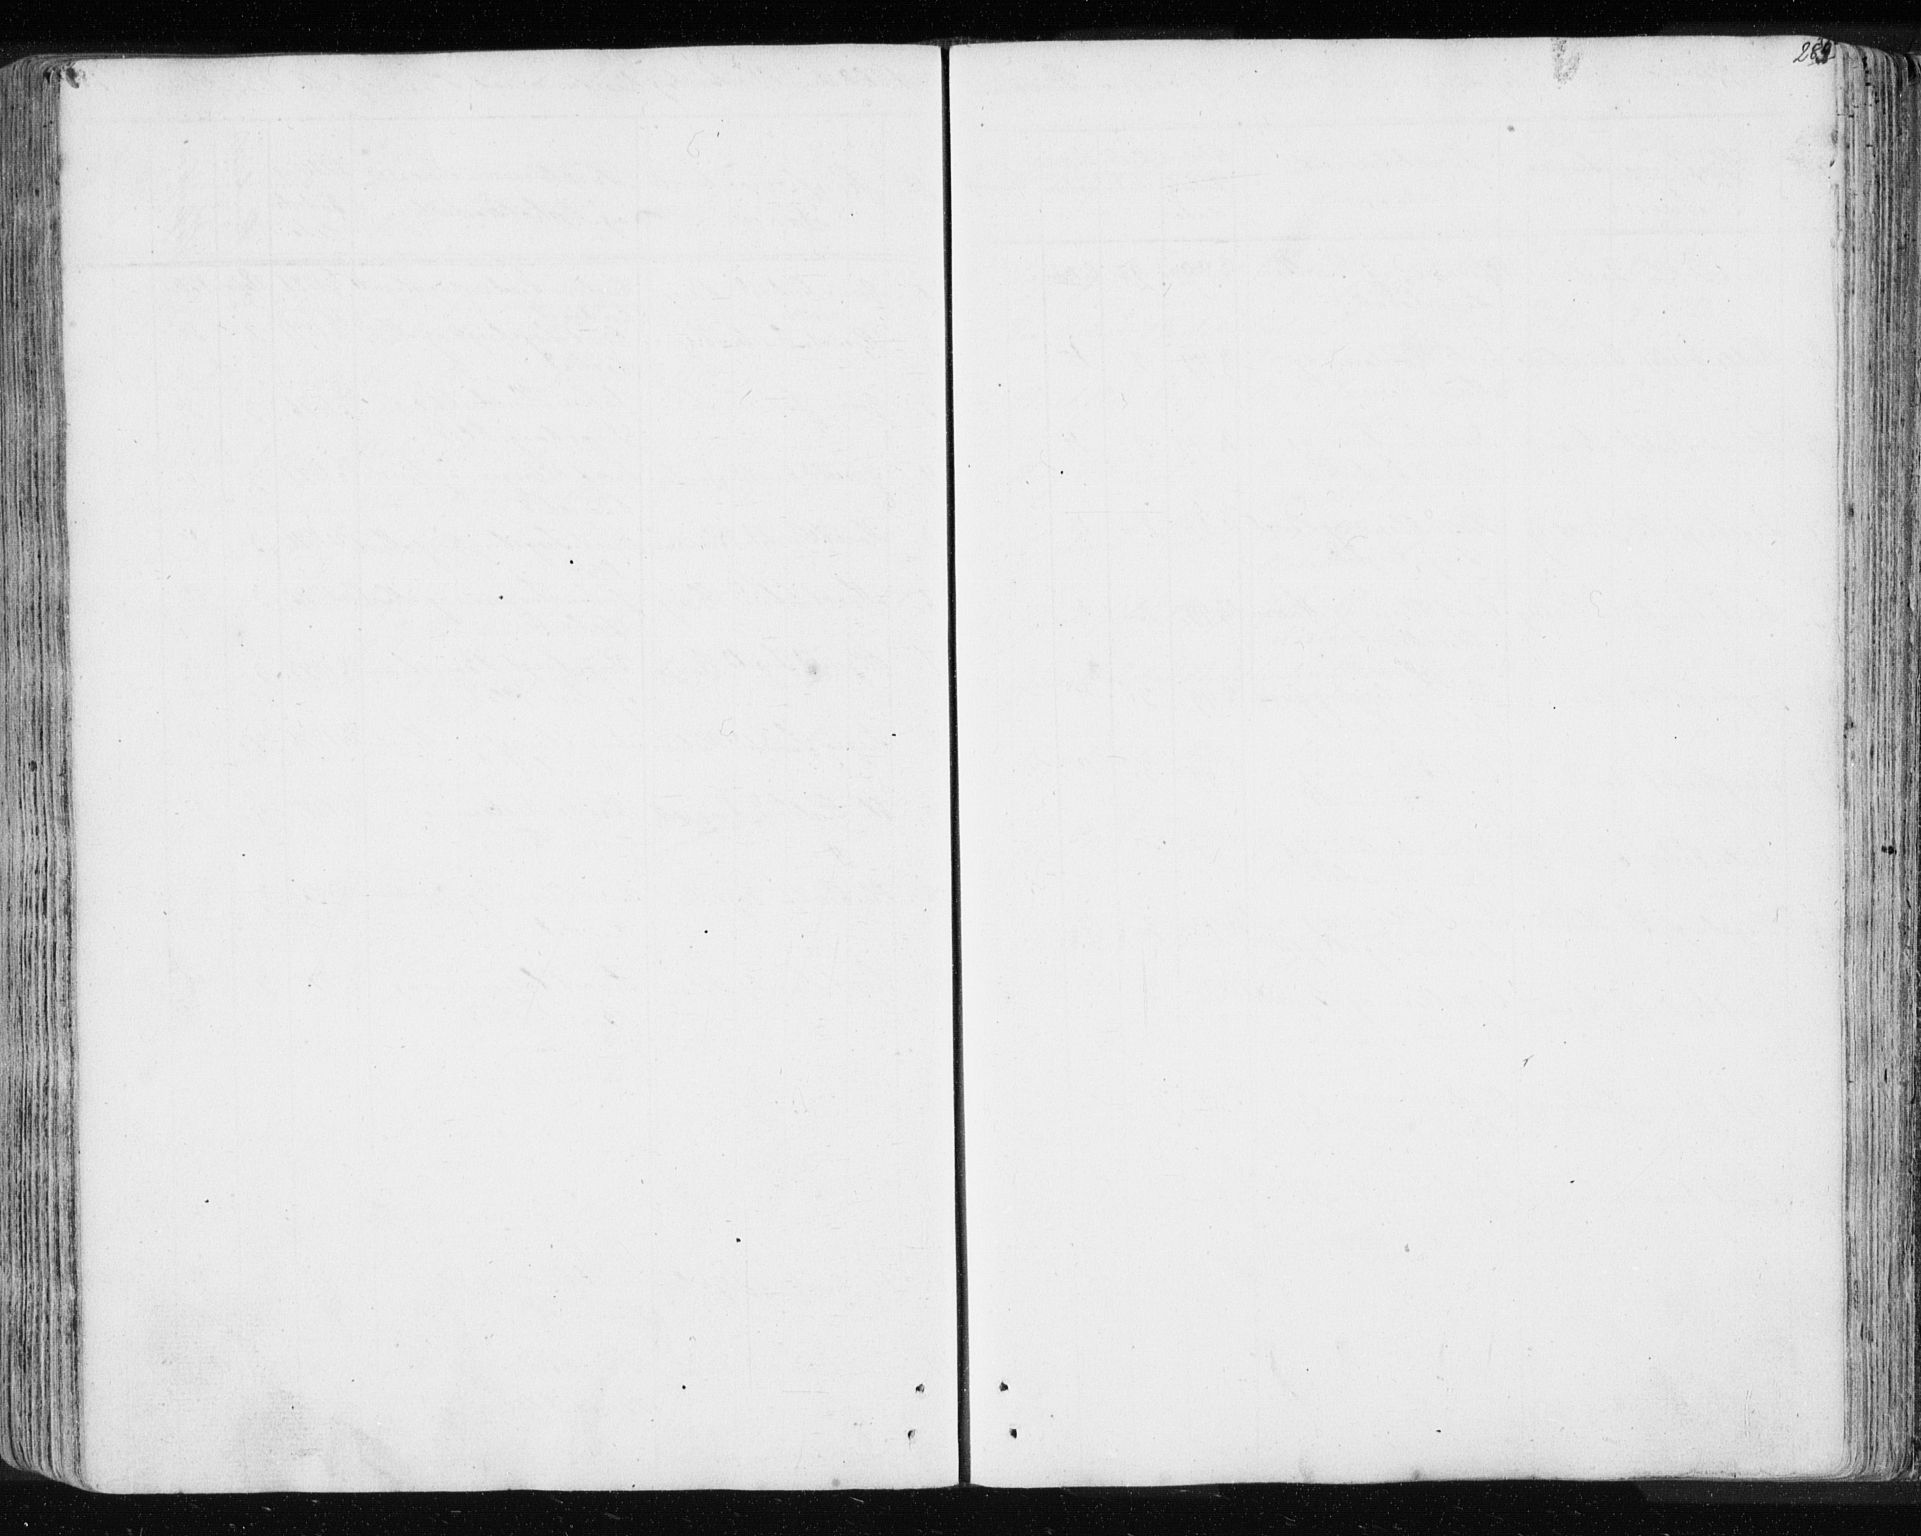 SAT, Ministerialprotokoller, klokkerbøker og fødselsregistre - Sør-Trøndelag, 689/L1043: Klokkerbok nr. 689C02, 1816-1892, s. 284